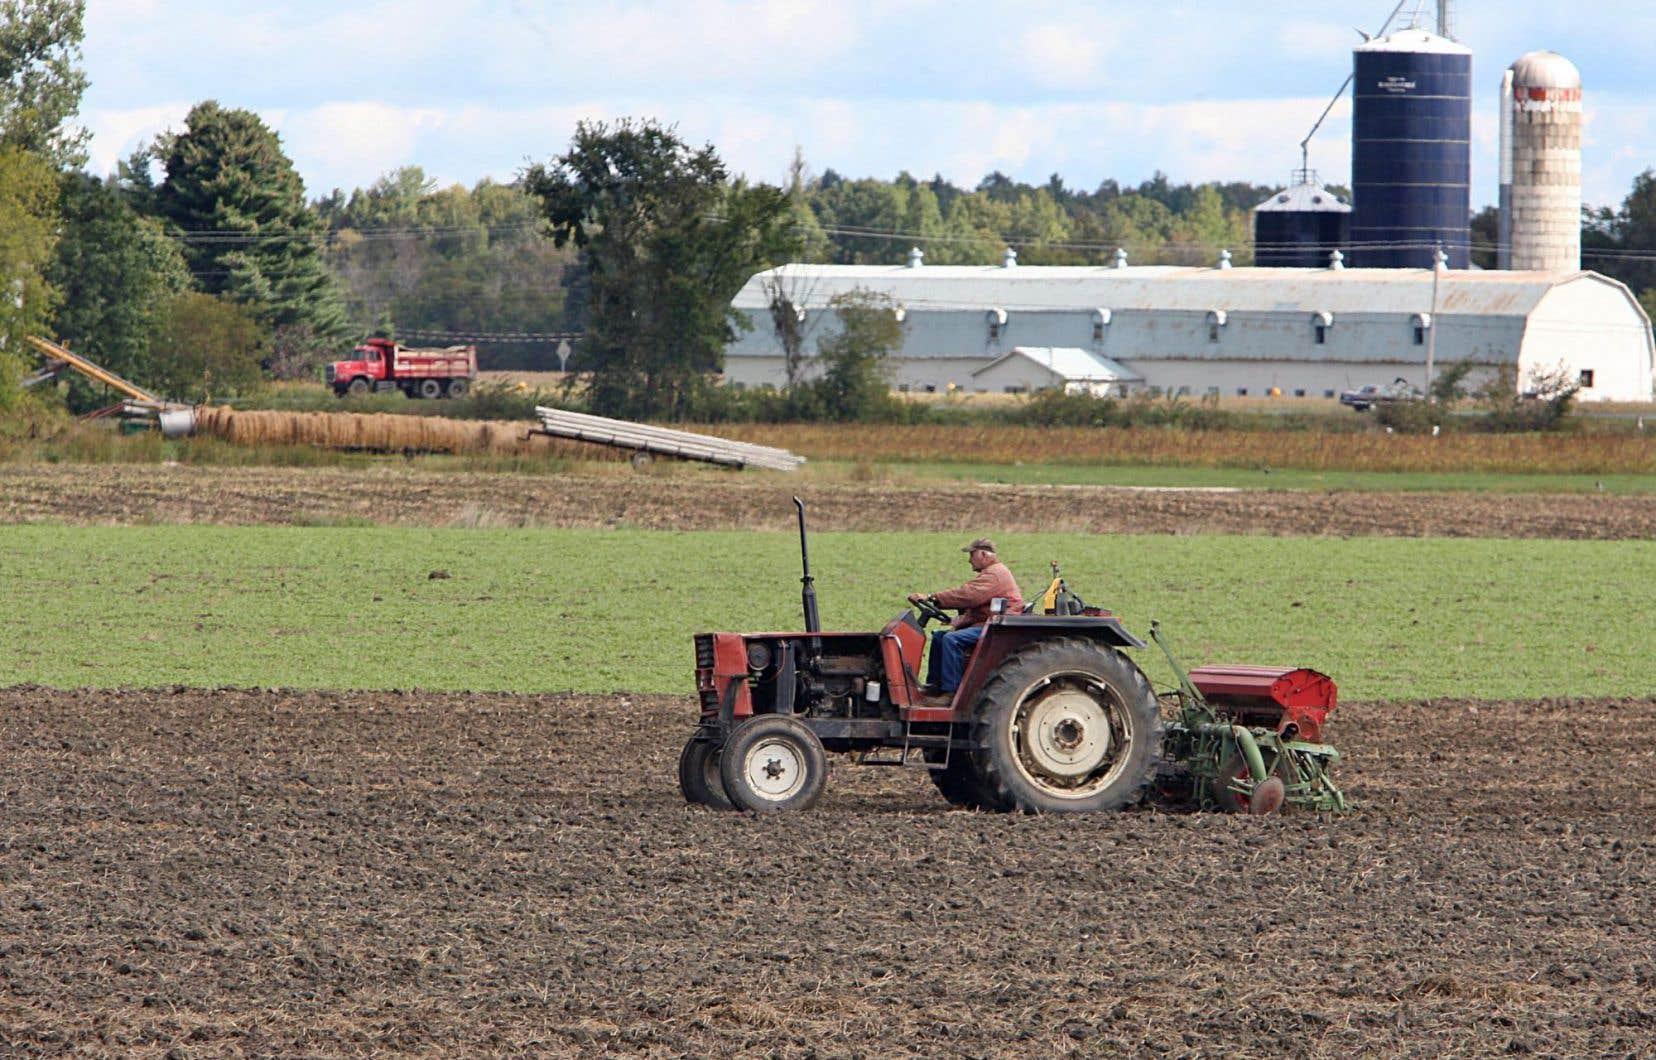 Qui dit futur en agriculture dit relève. Mais ce n'est pas gagné d'avance. L'UPA y travaille.